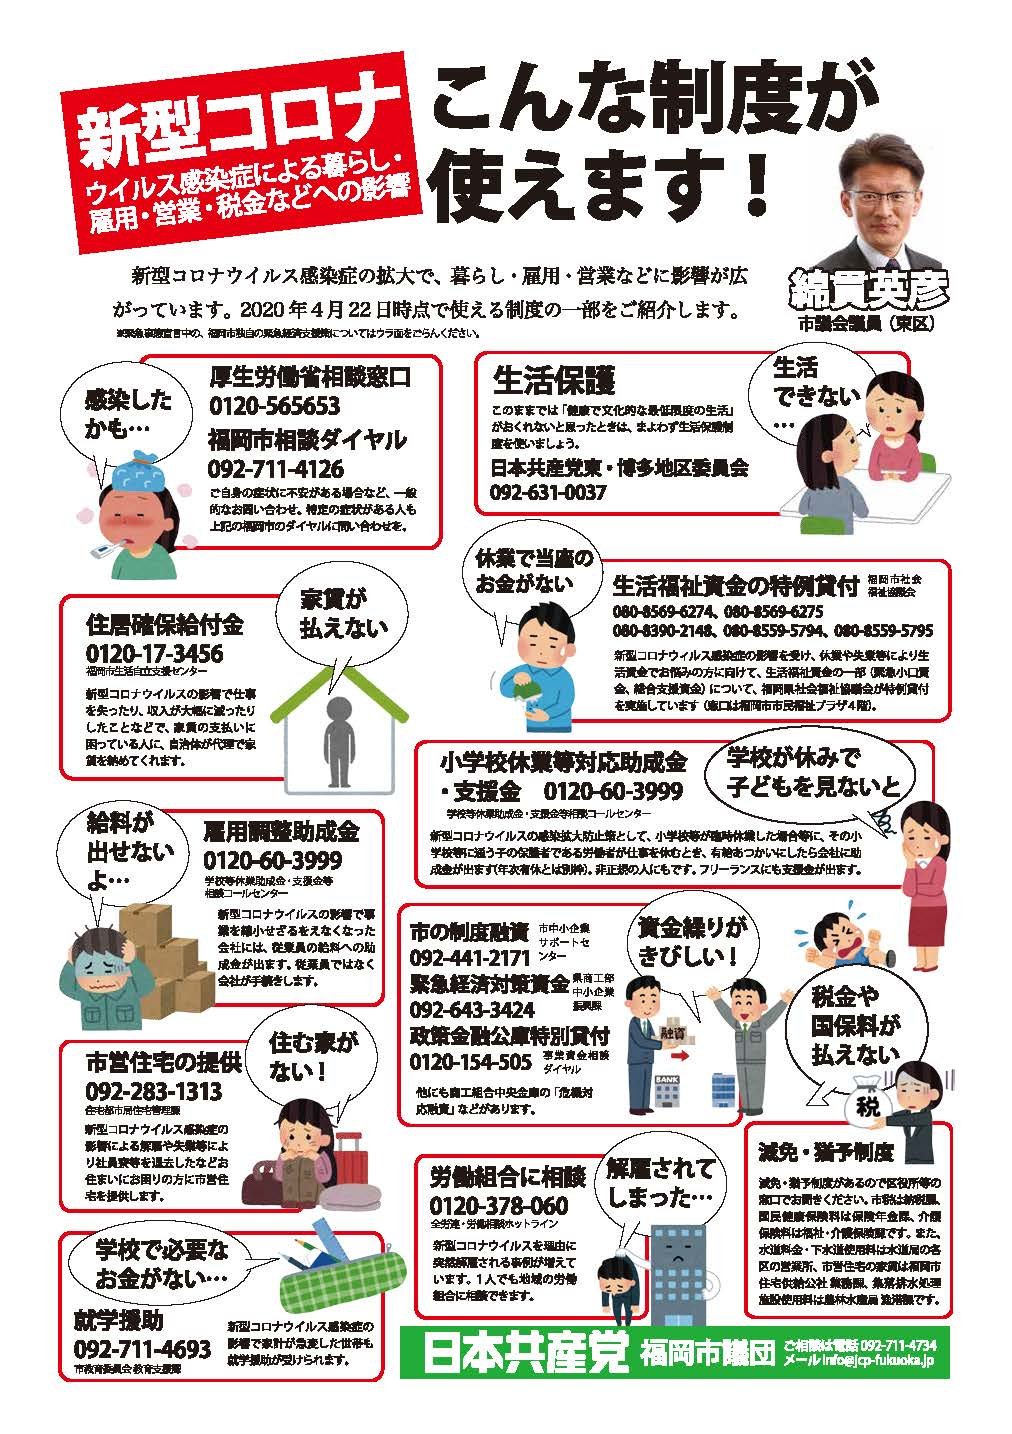 東区民報2020年5月号(コロナ対策)【1.0MB】